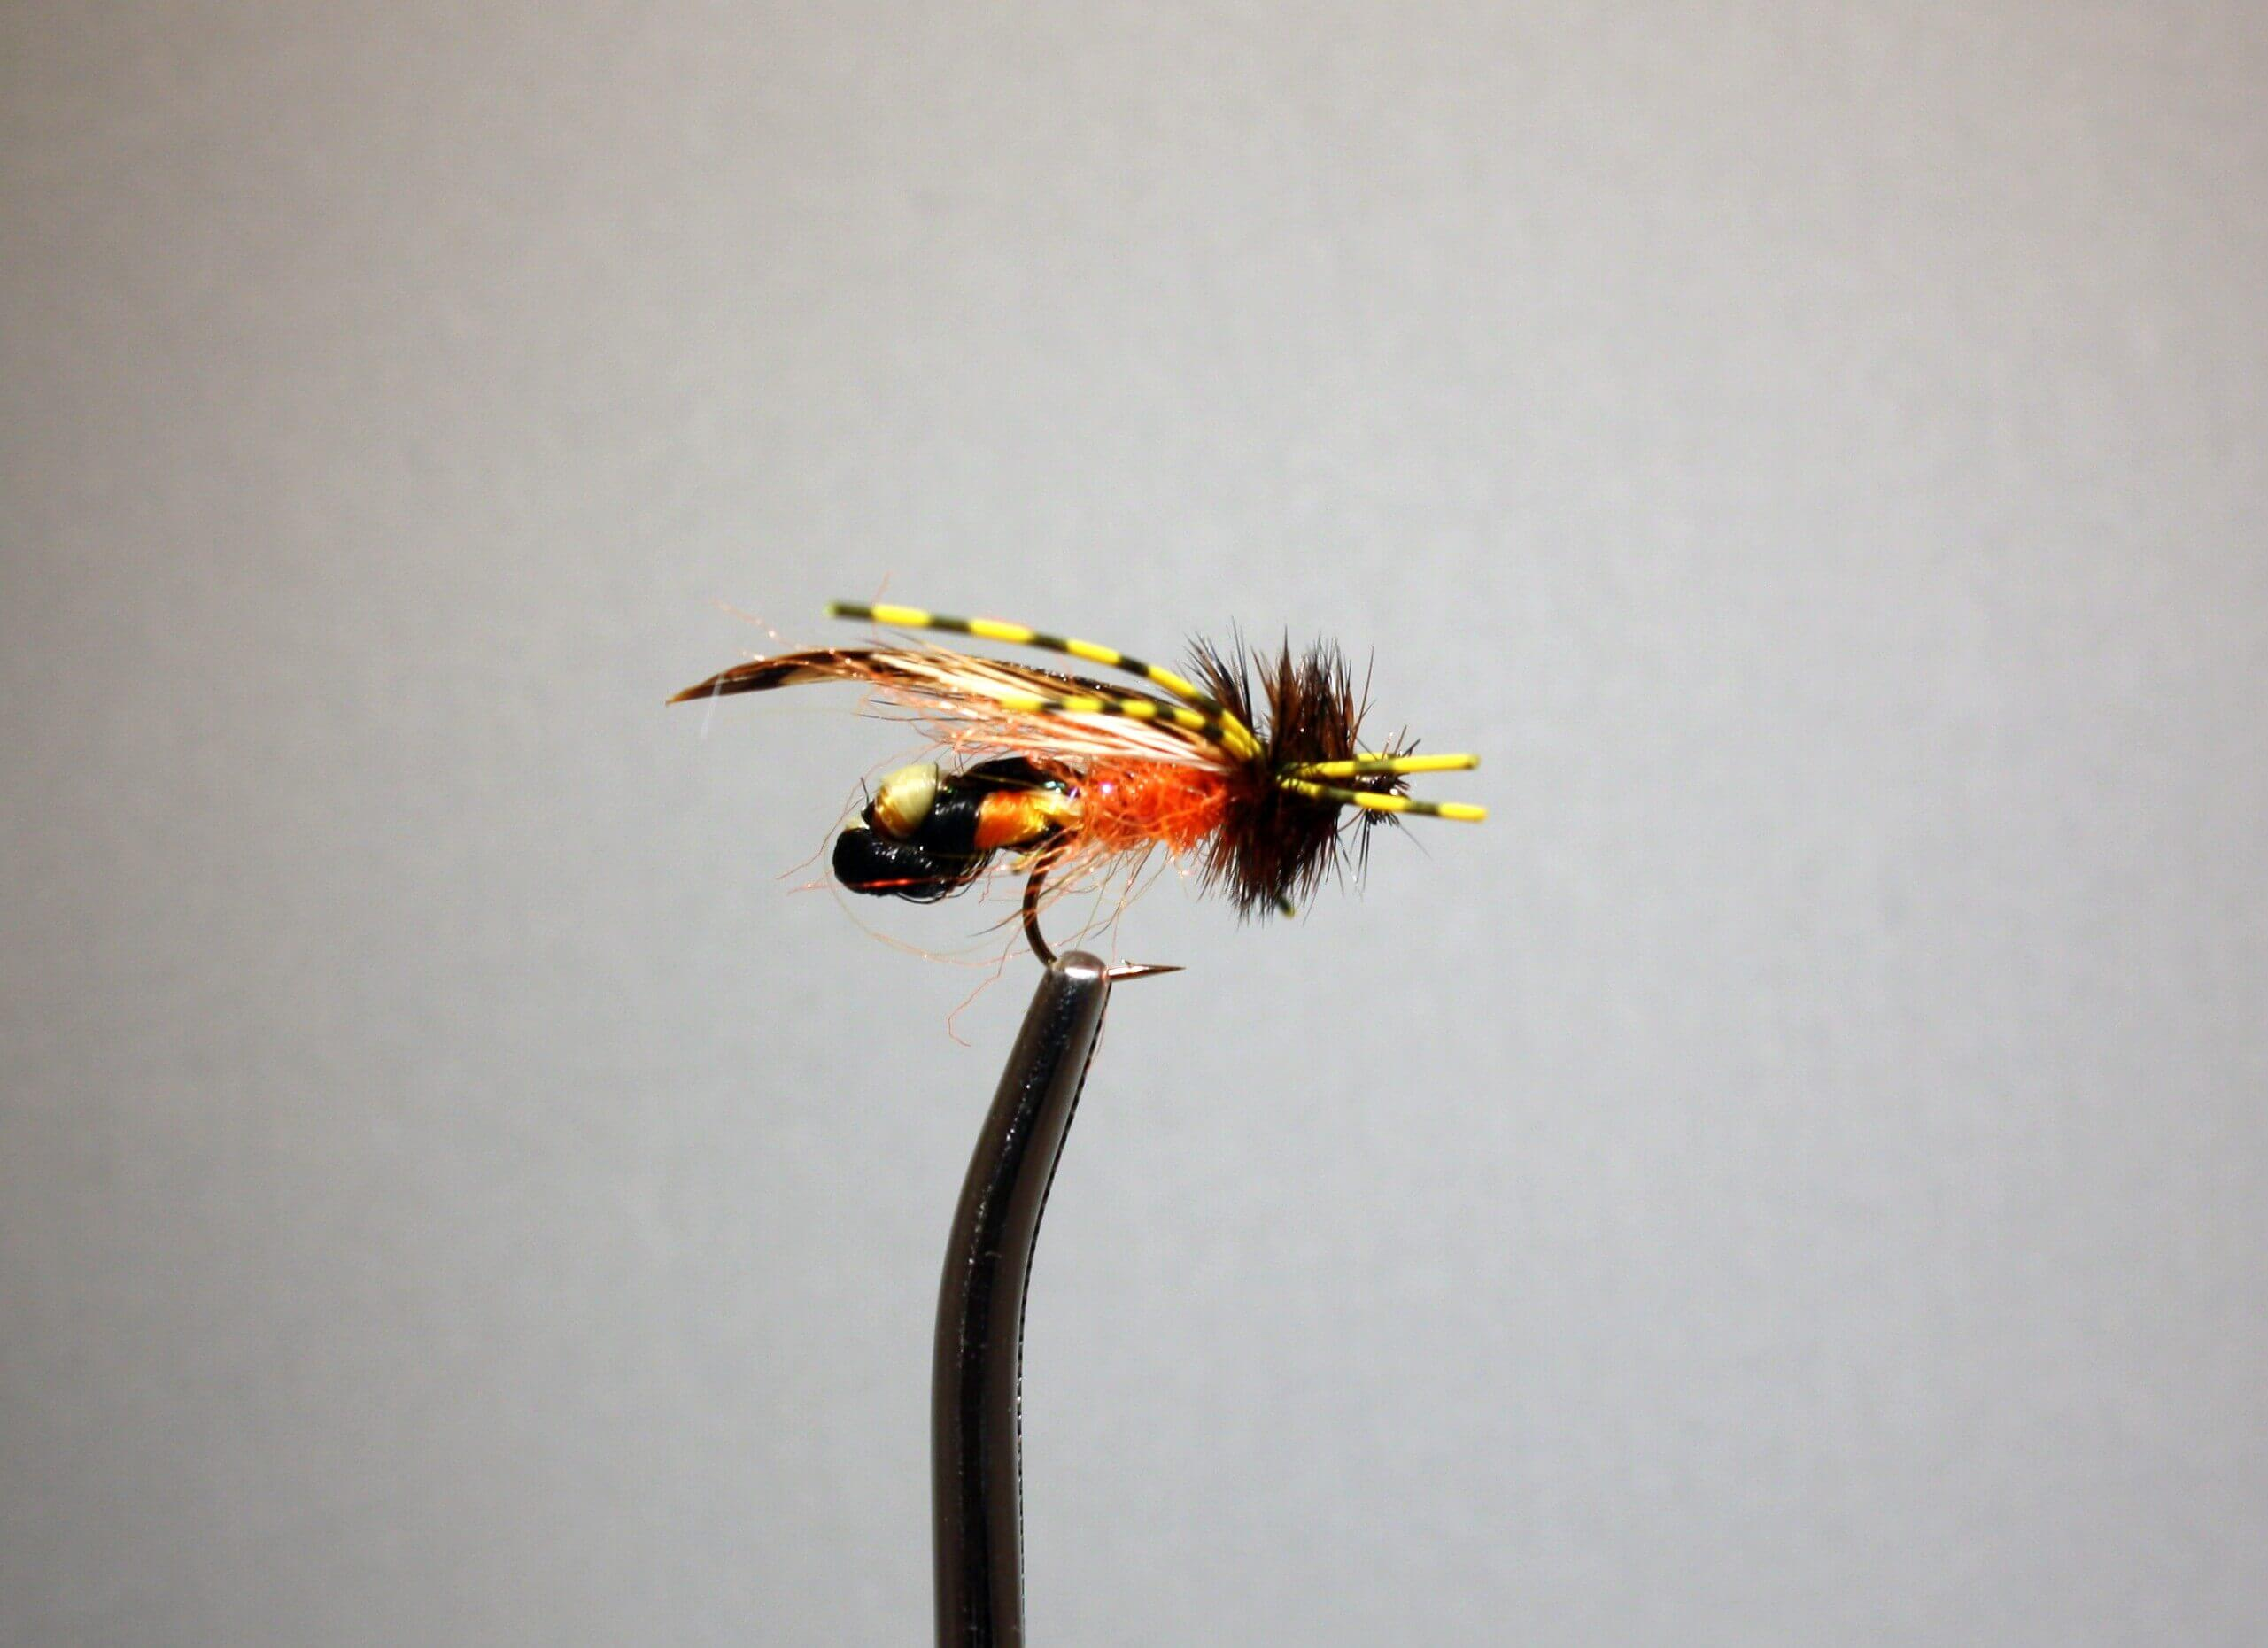 Field's Cockroach